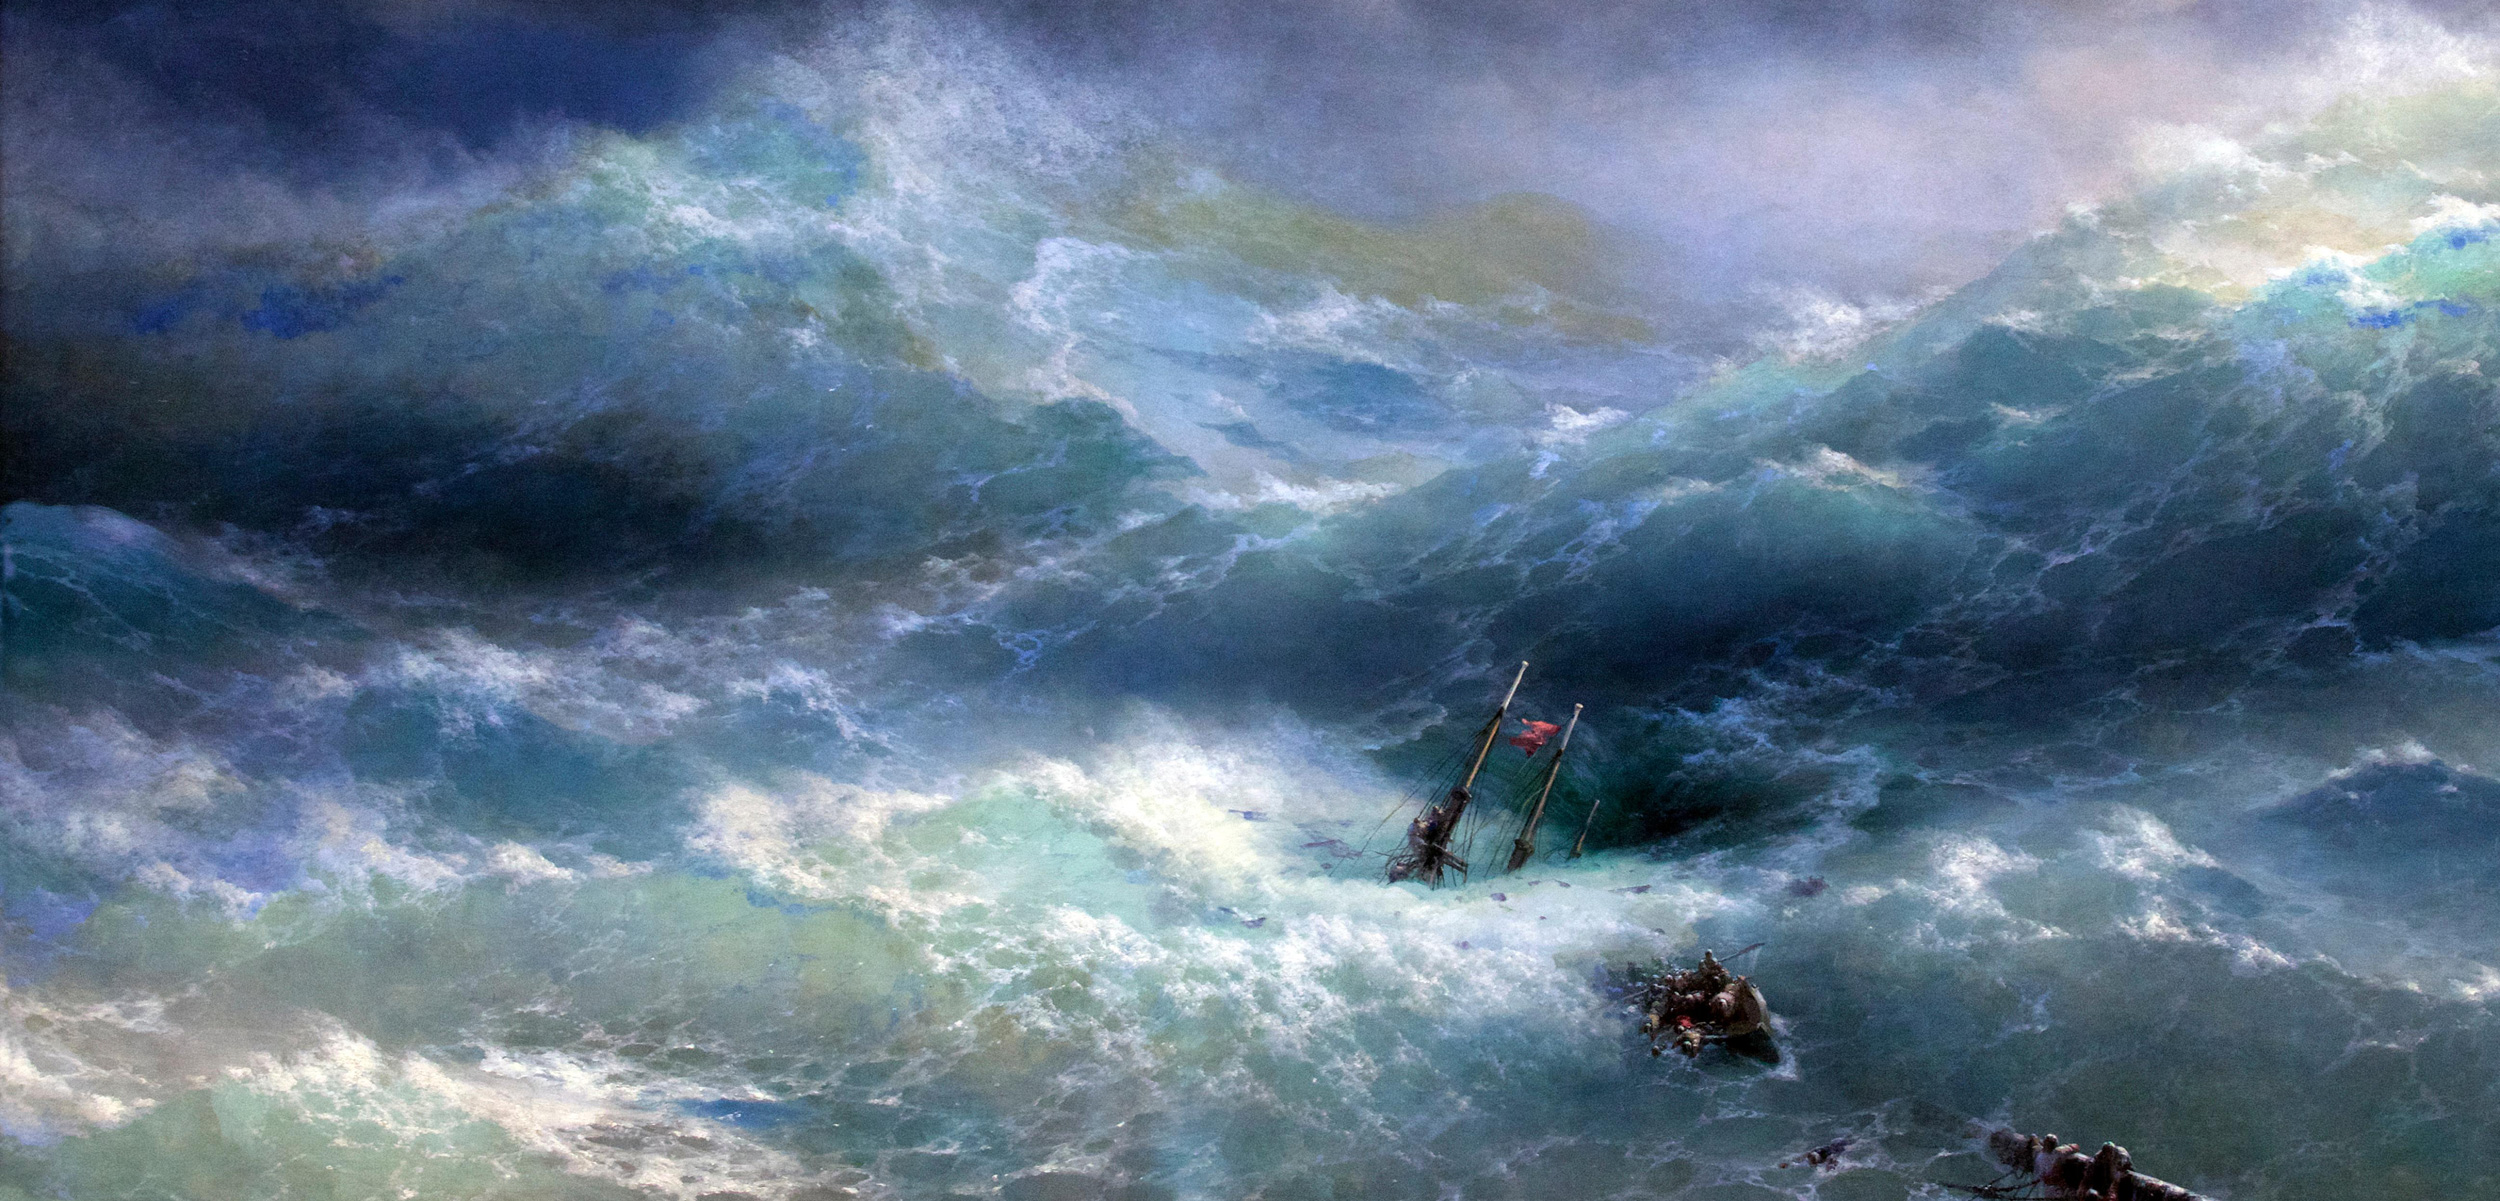 Validating Tall Tales of Rogue Waves | Hakai Magazine